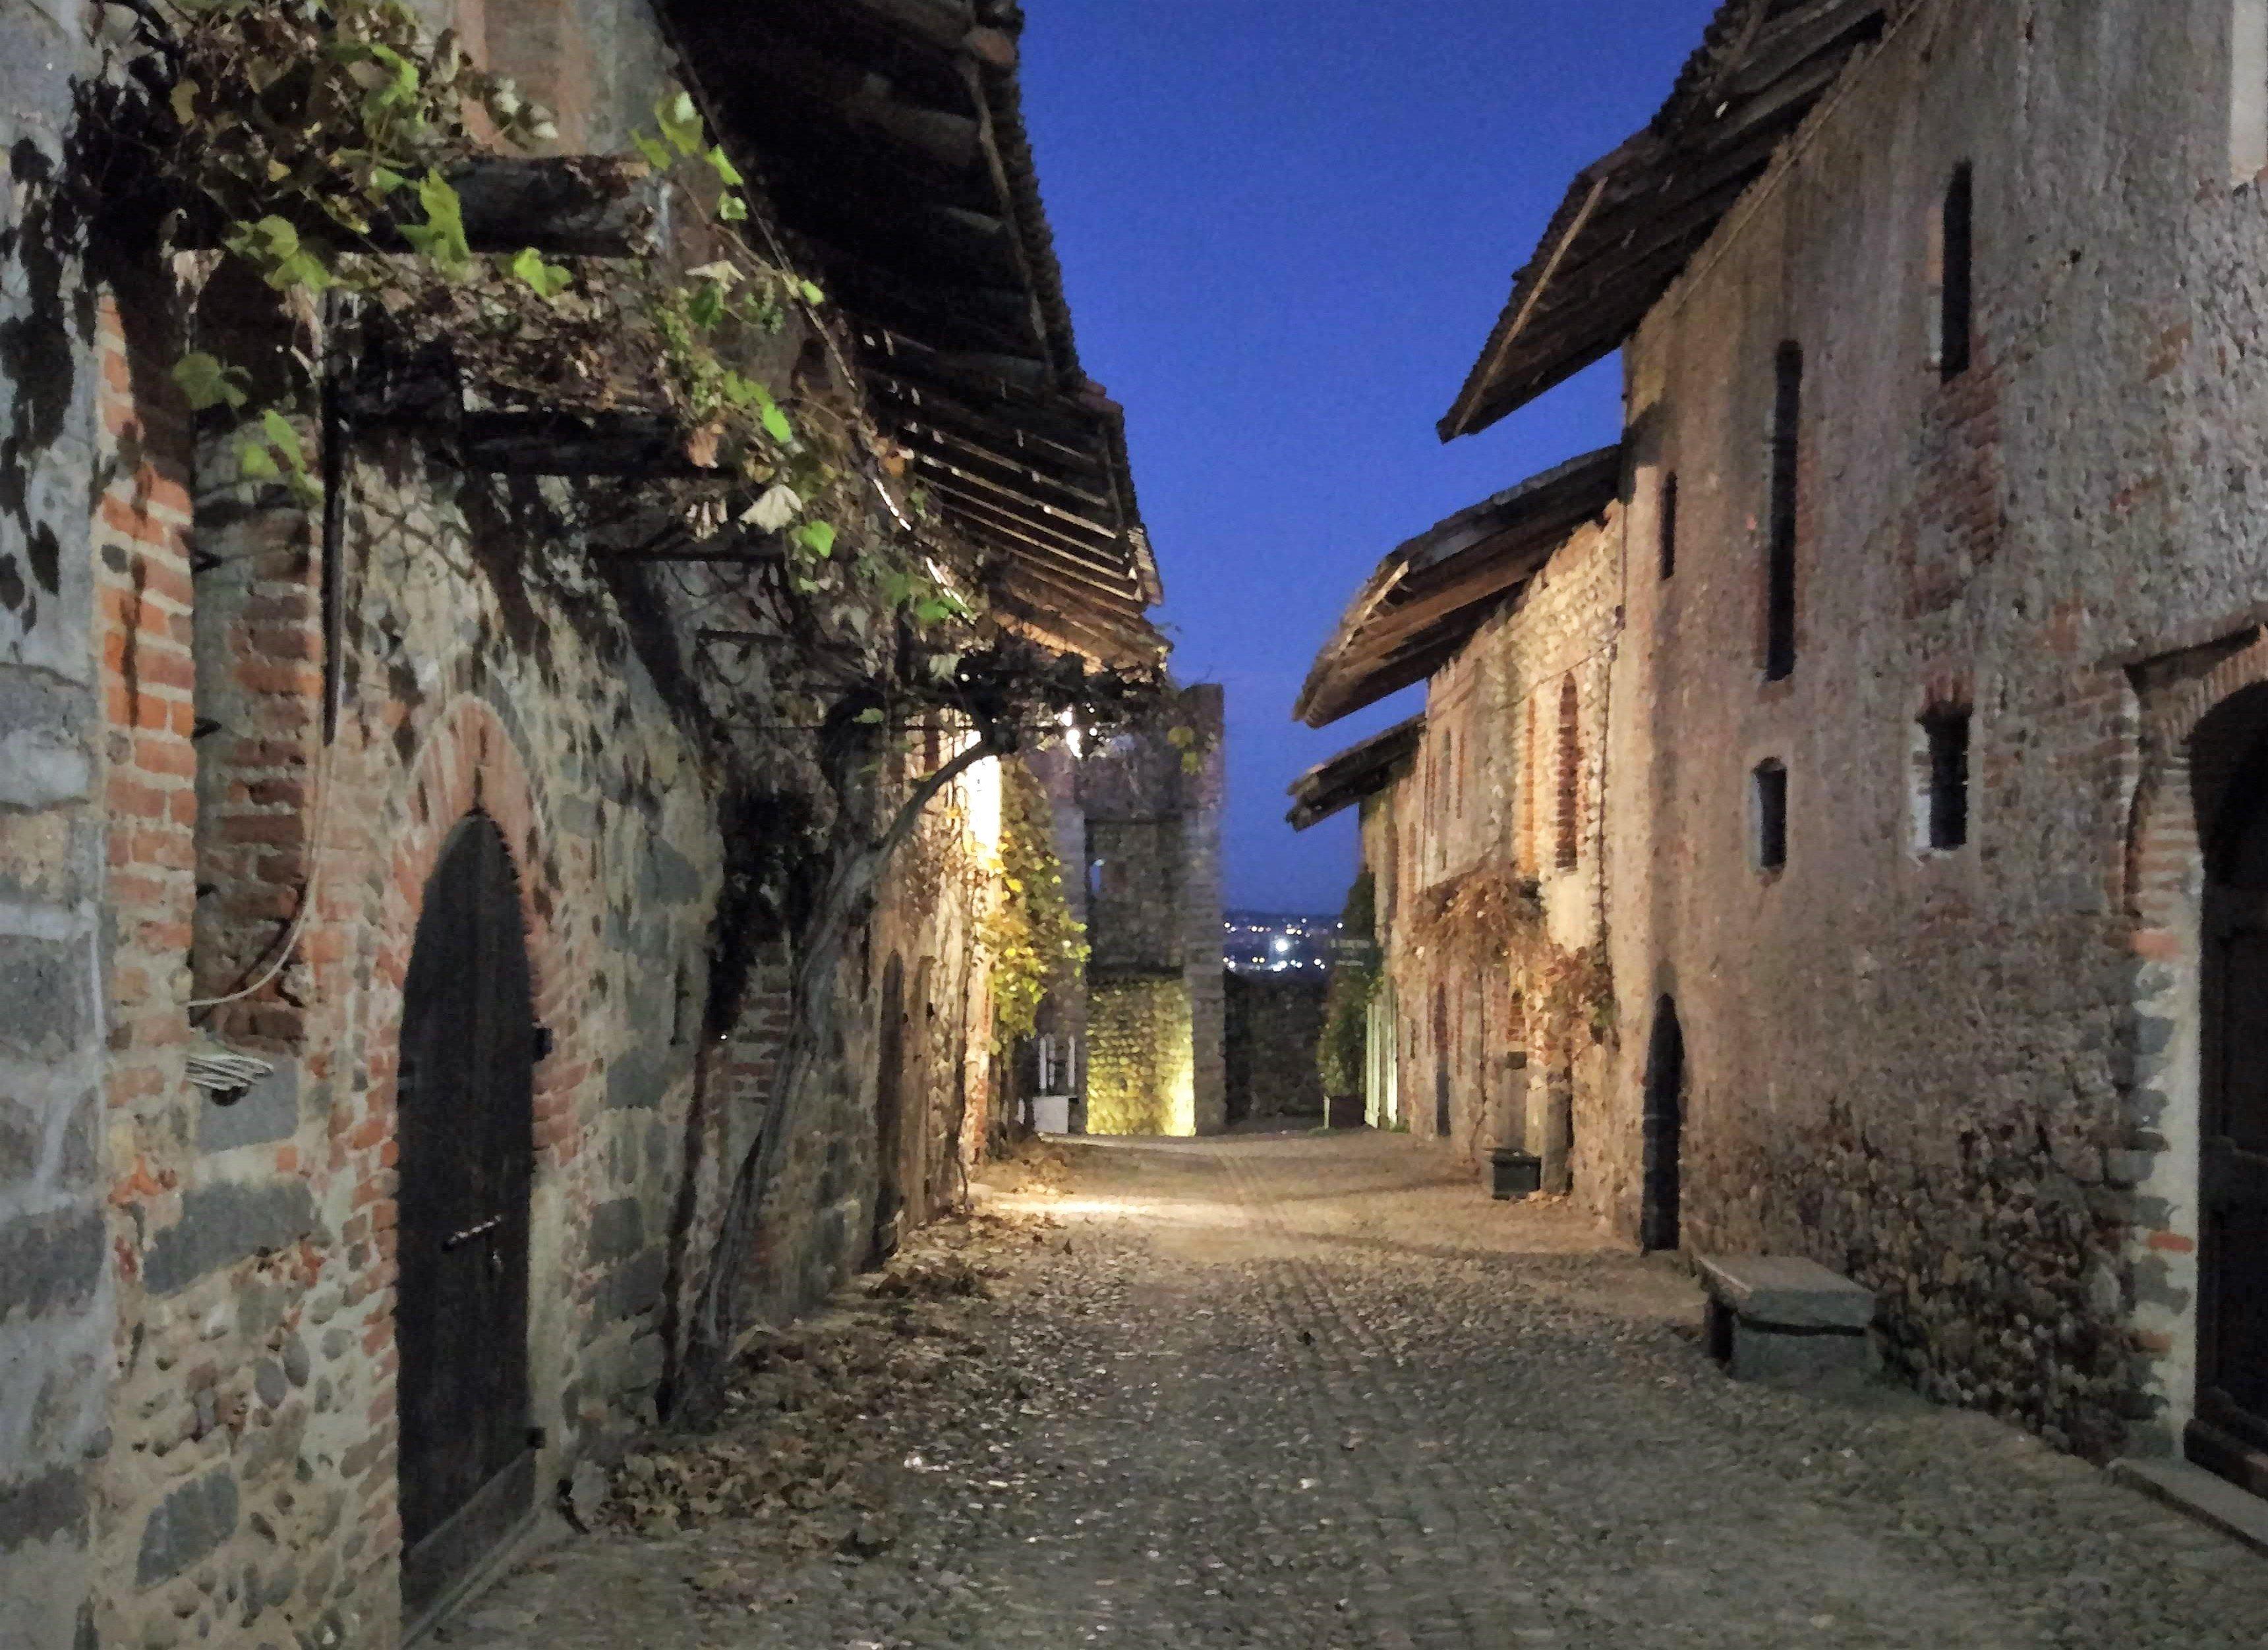 Visita al borgo medievale del Ricetto di Candelo a Biella